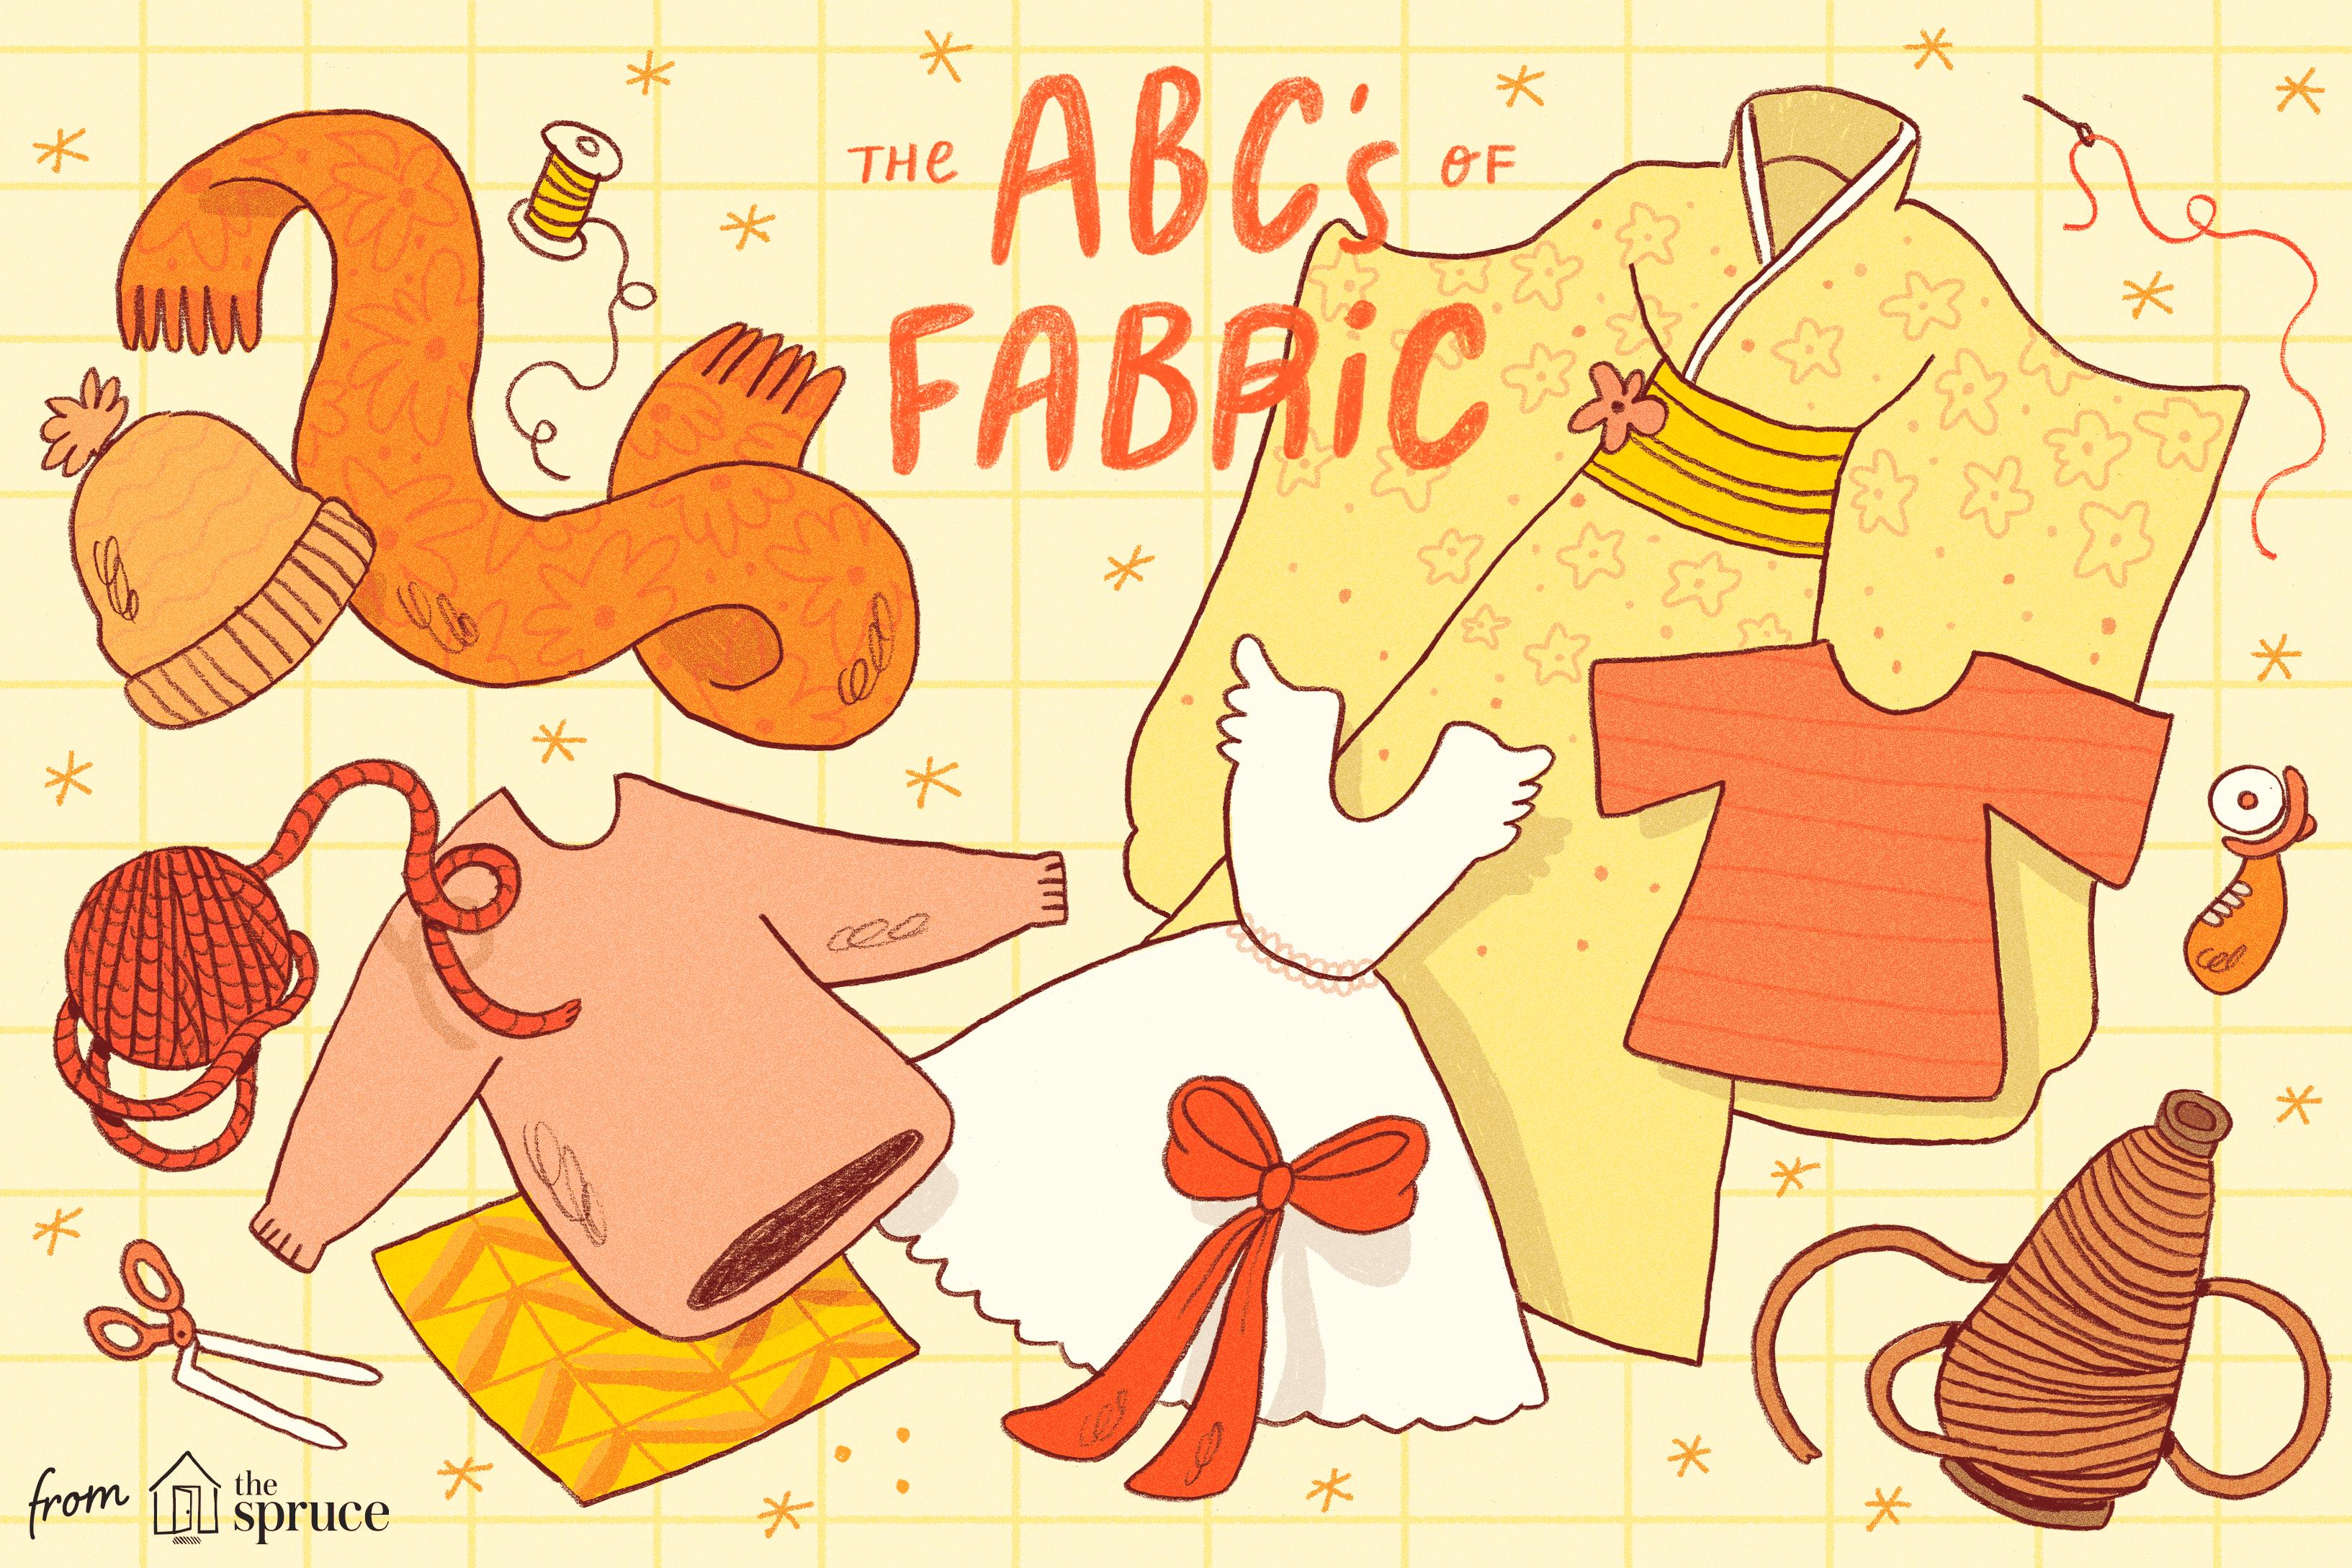 illustration of different fabrics